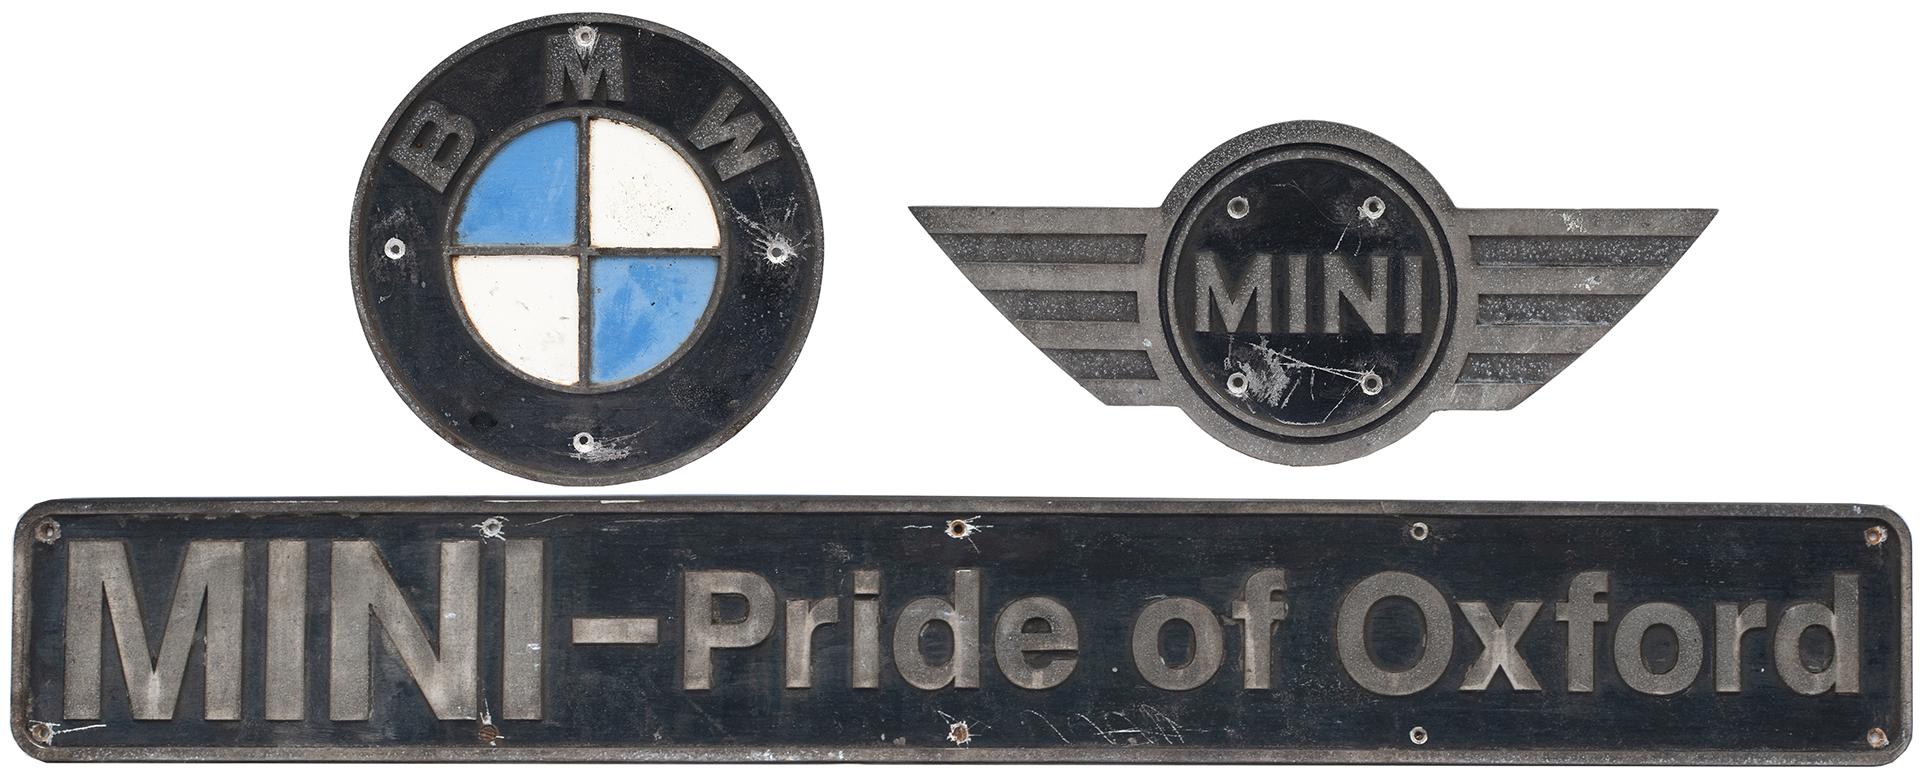 Nameplate MINI PRIDE OF OXFORD + BMW Circular And